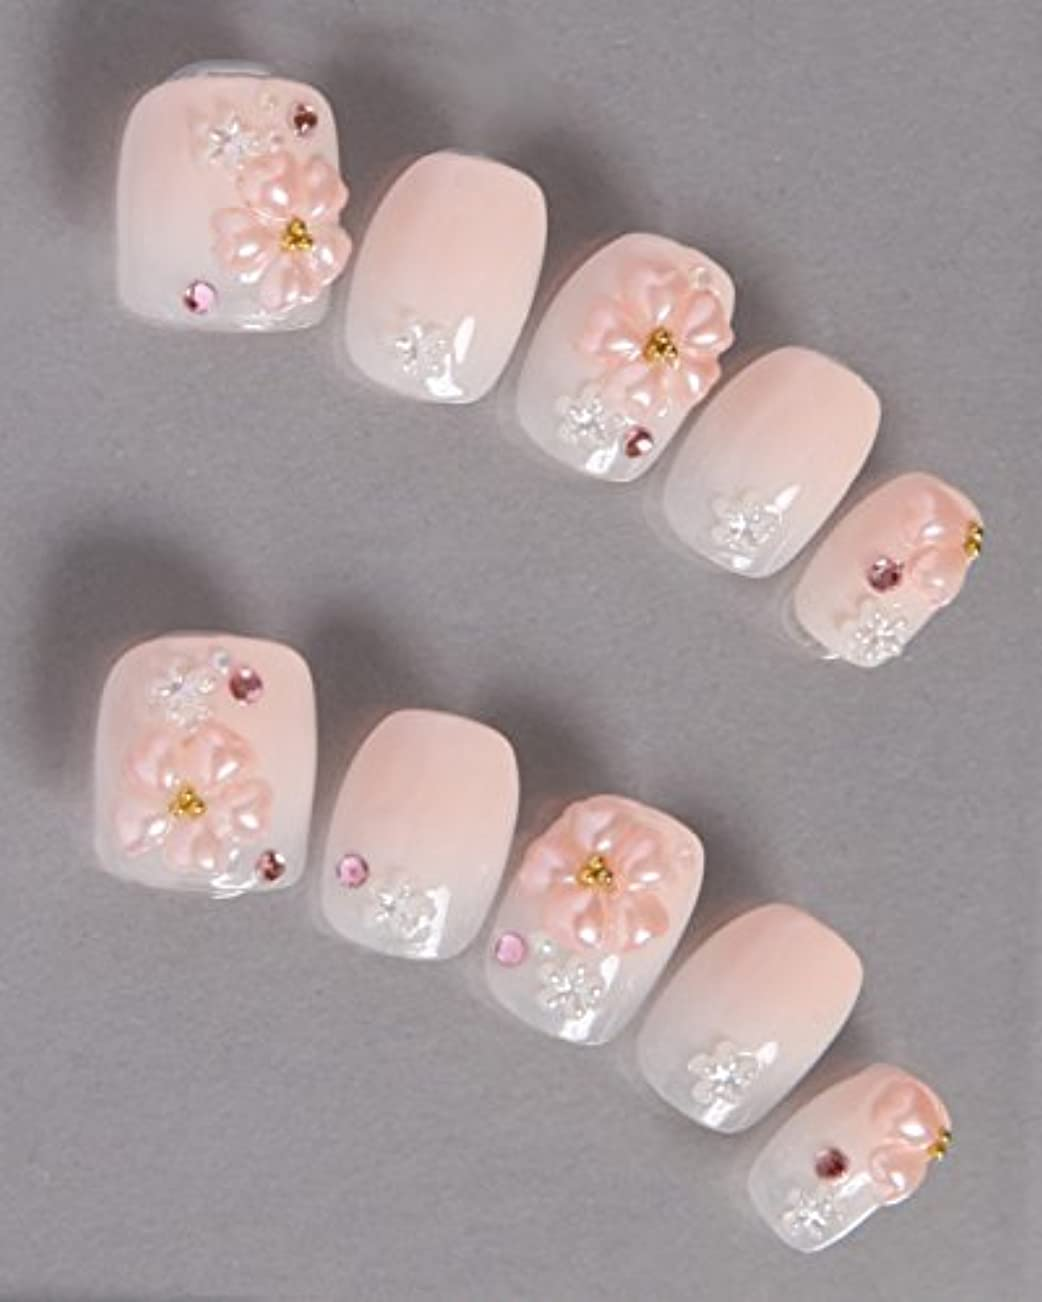 チャネル追放する永久ゆずネイル ネイルチップ 薄ピンク 桜?梅 ガーリー 春 着物(A10036-Q-CCP)